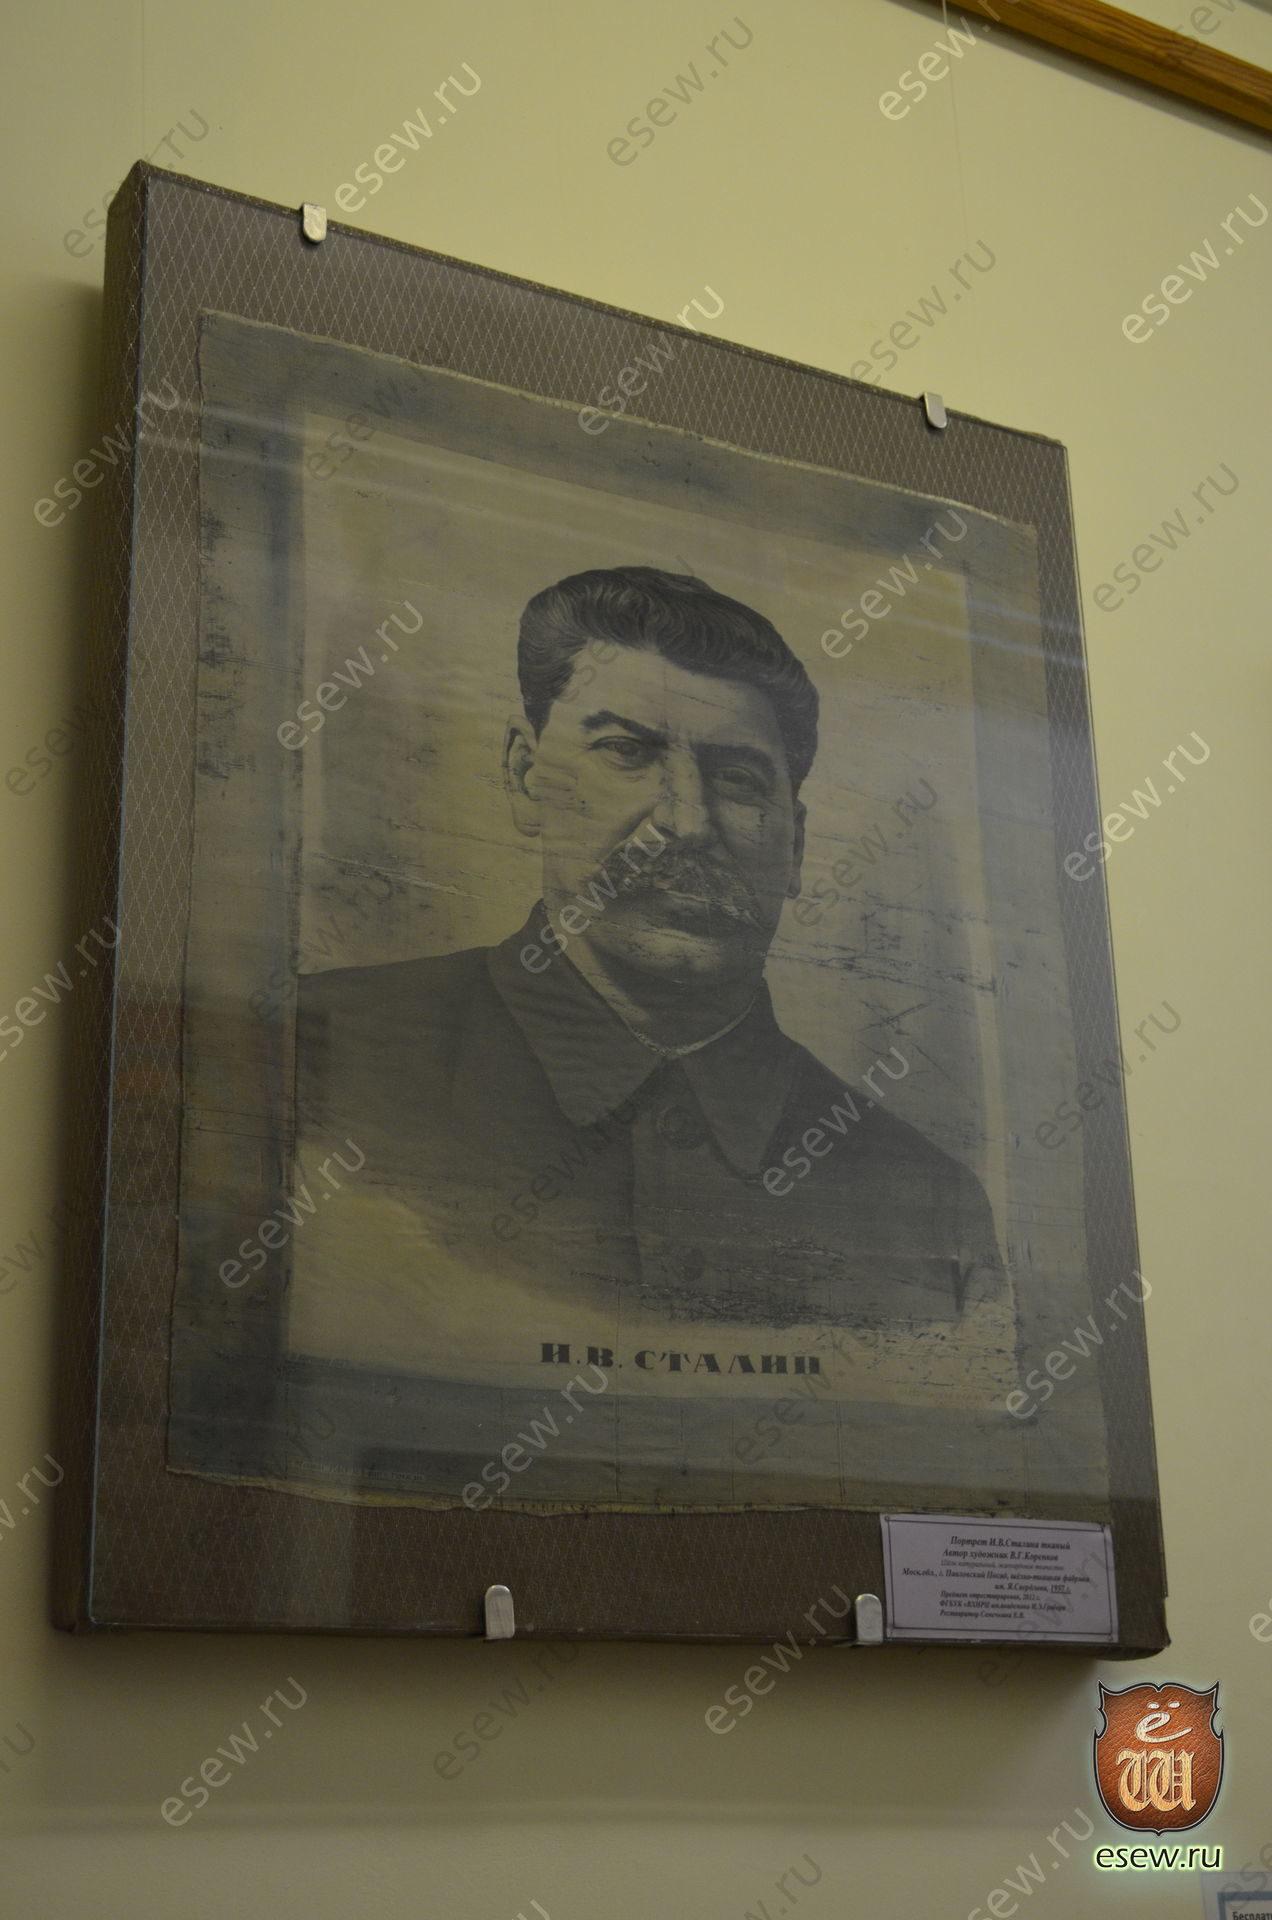 Памятный платок, посвященный Сталину